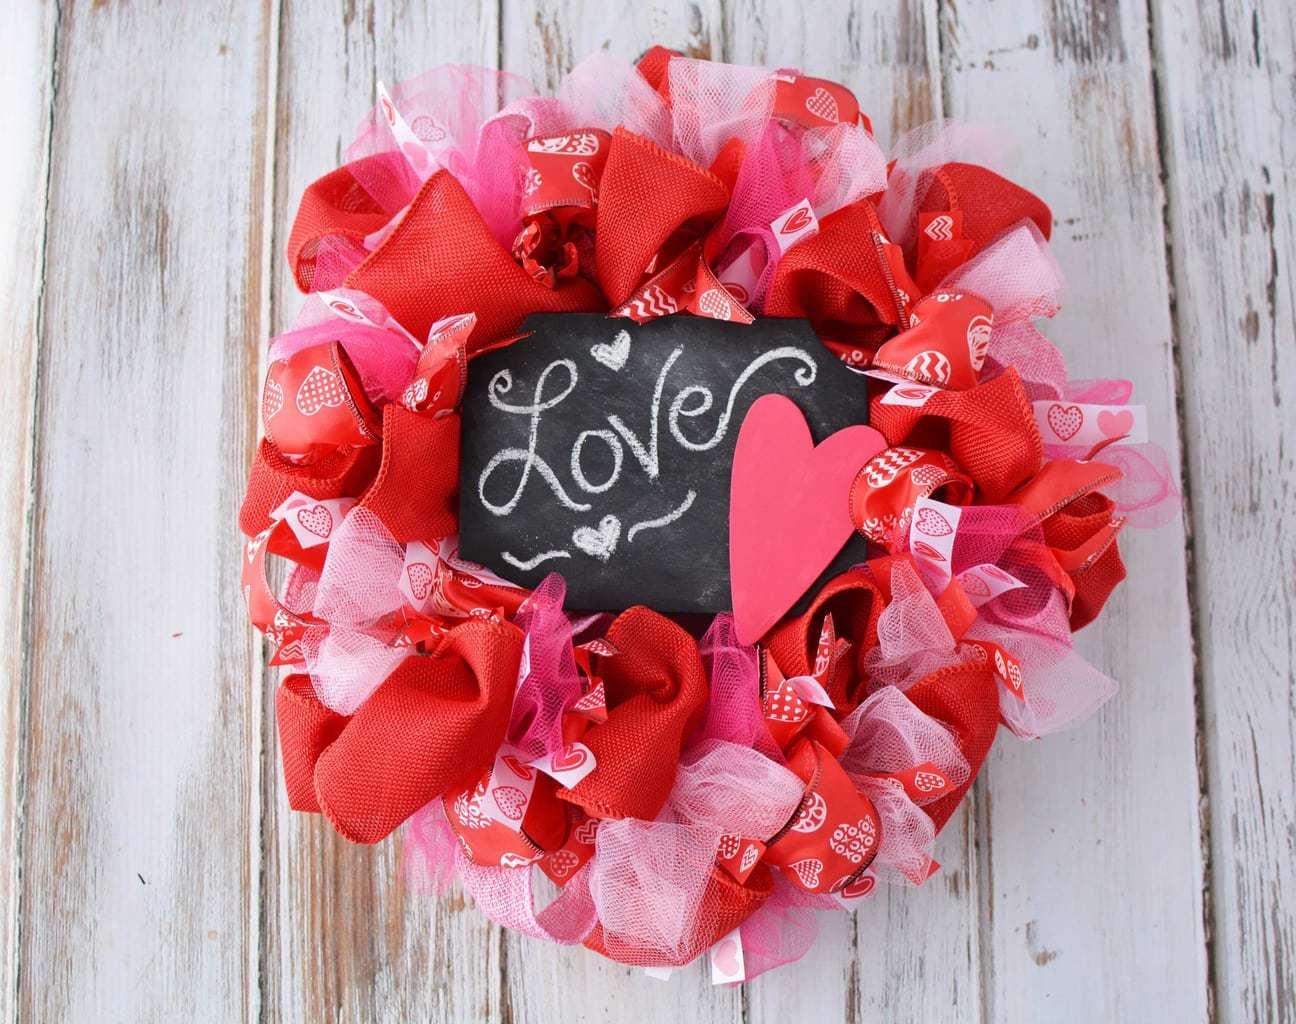 Дизайнерские идеи на День Святого Валентина: как украсить свой дом